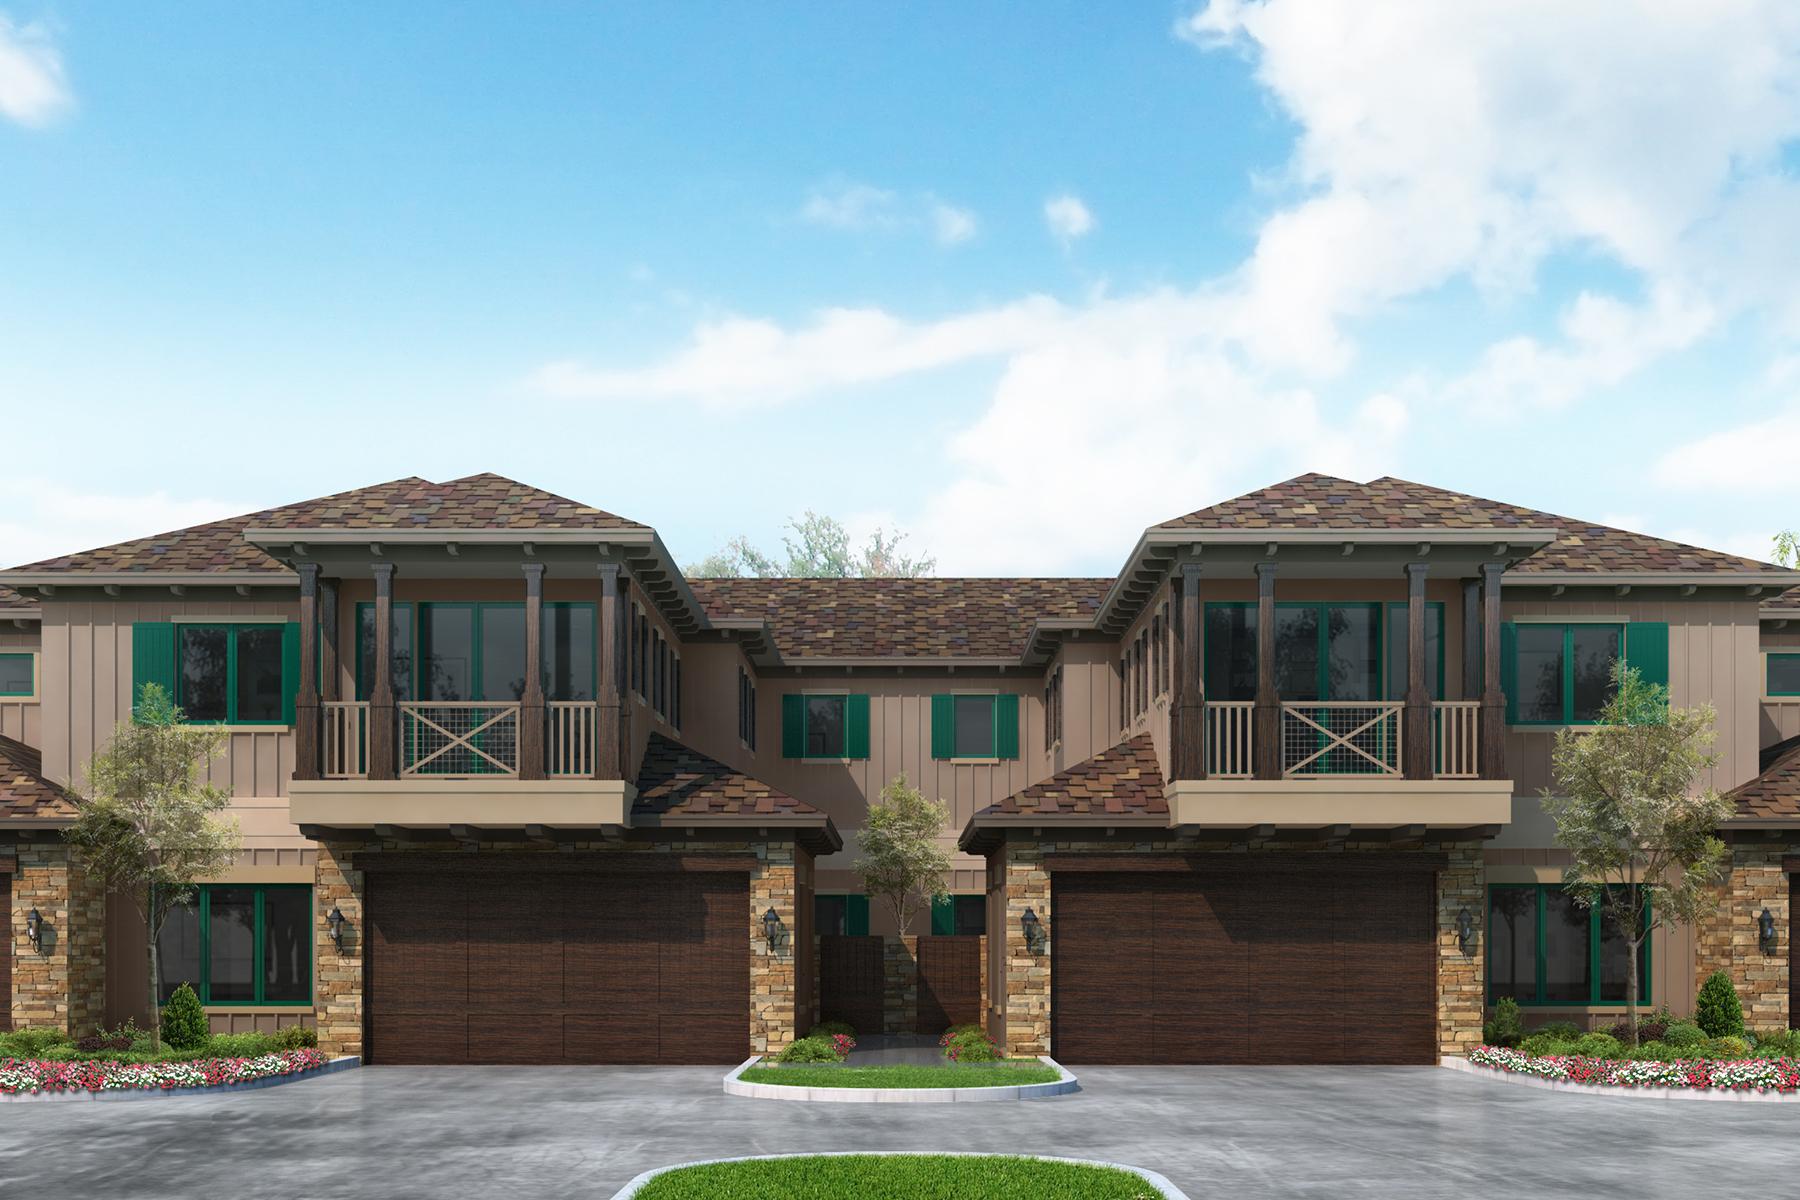 Condominium for Sale at LINVILLE - LINVILLE RIDGE 534 Moon, Linville, North Carolina 28646 United States